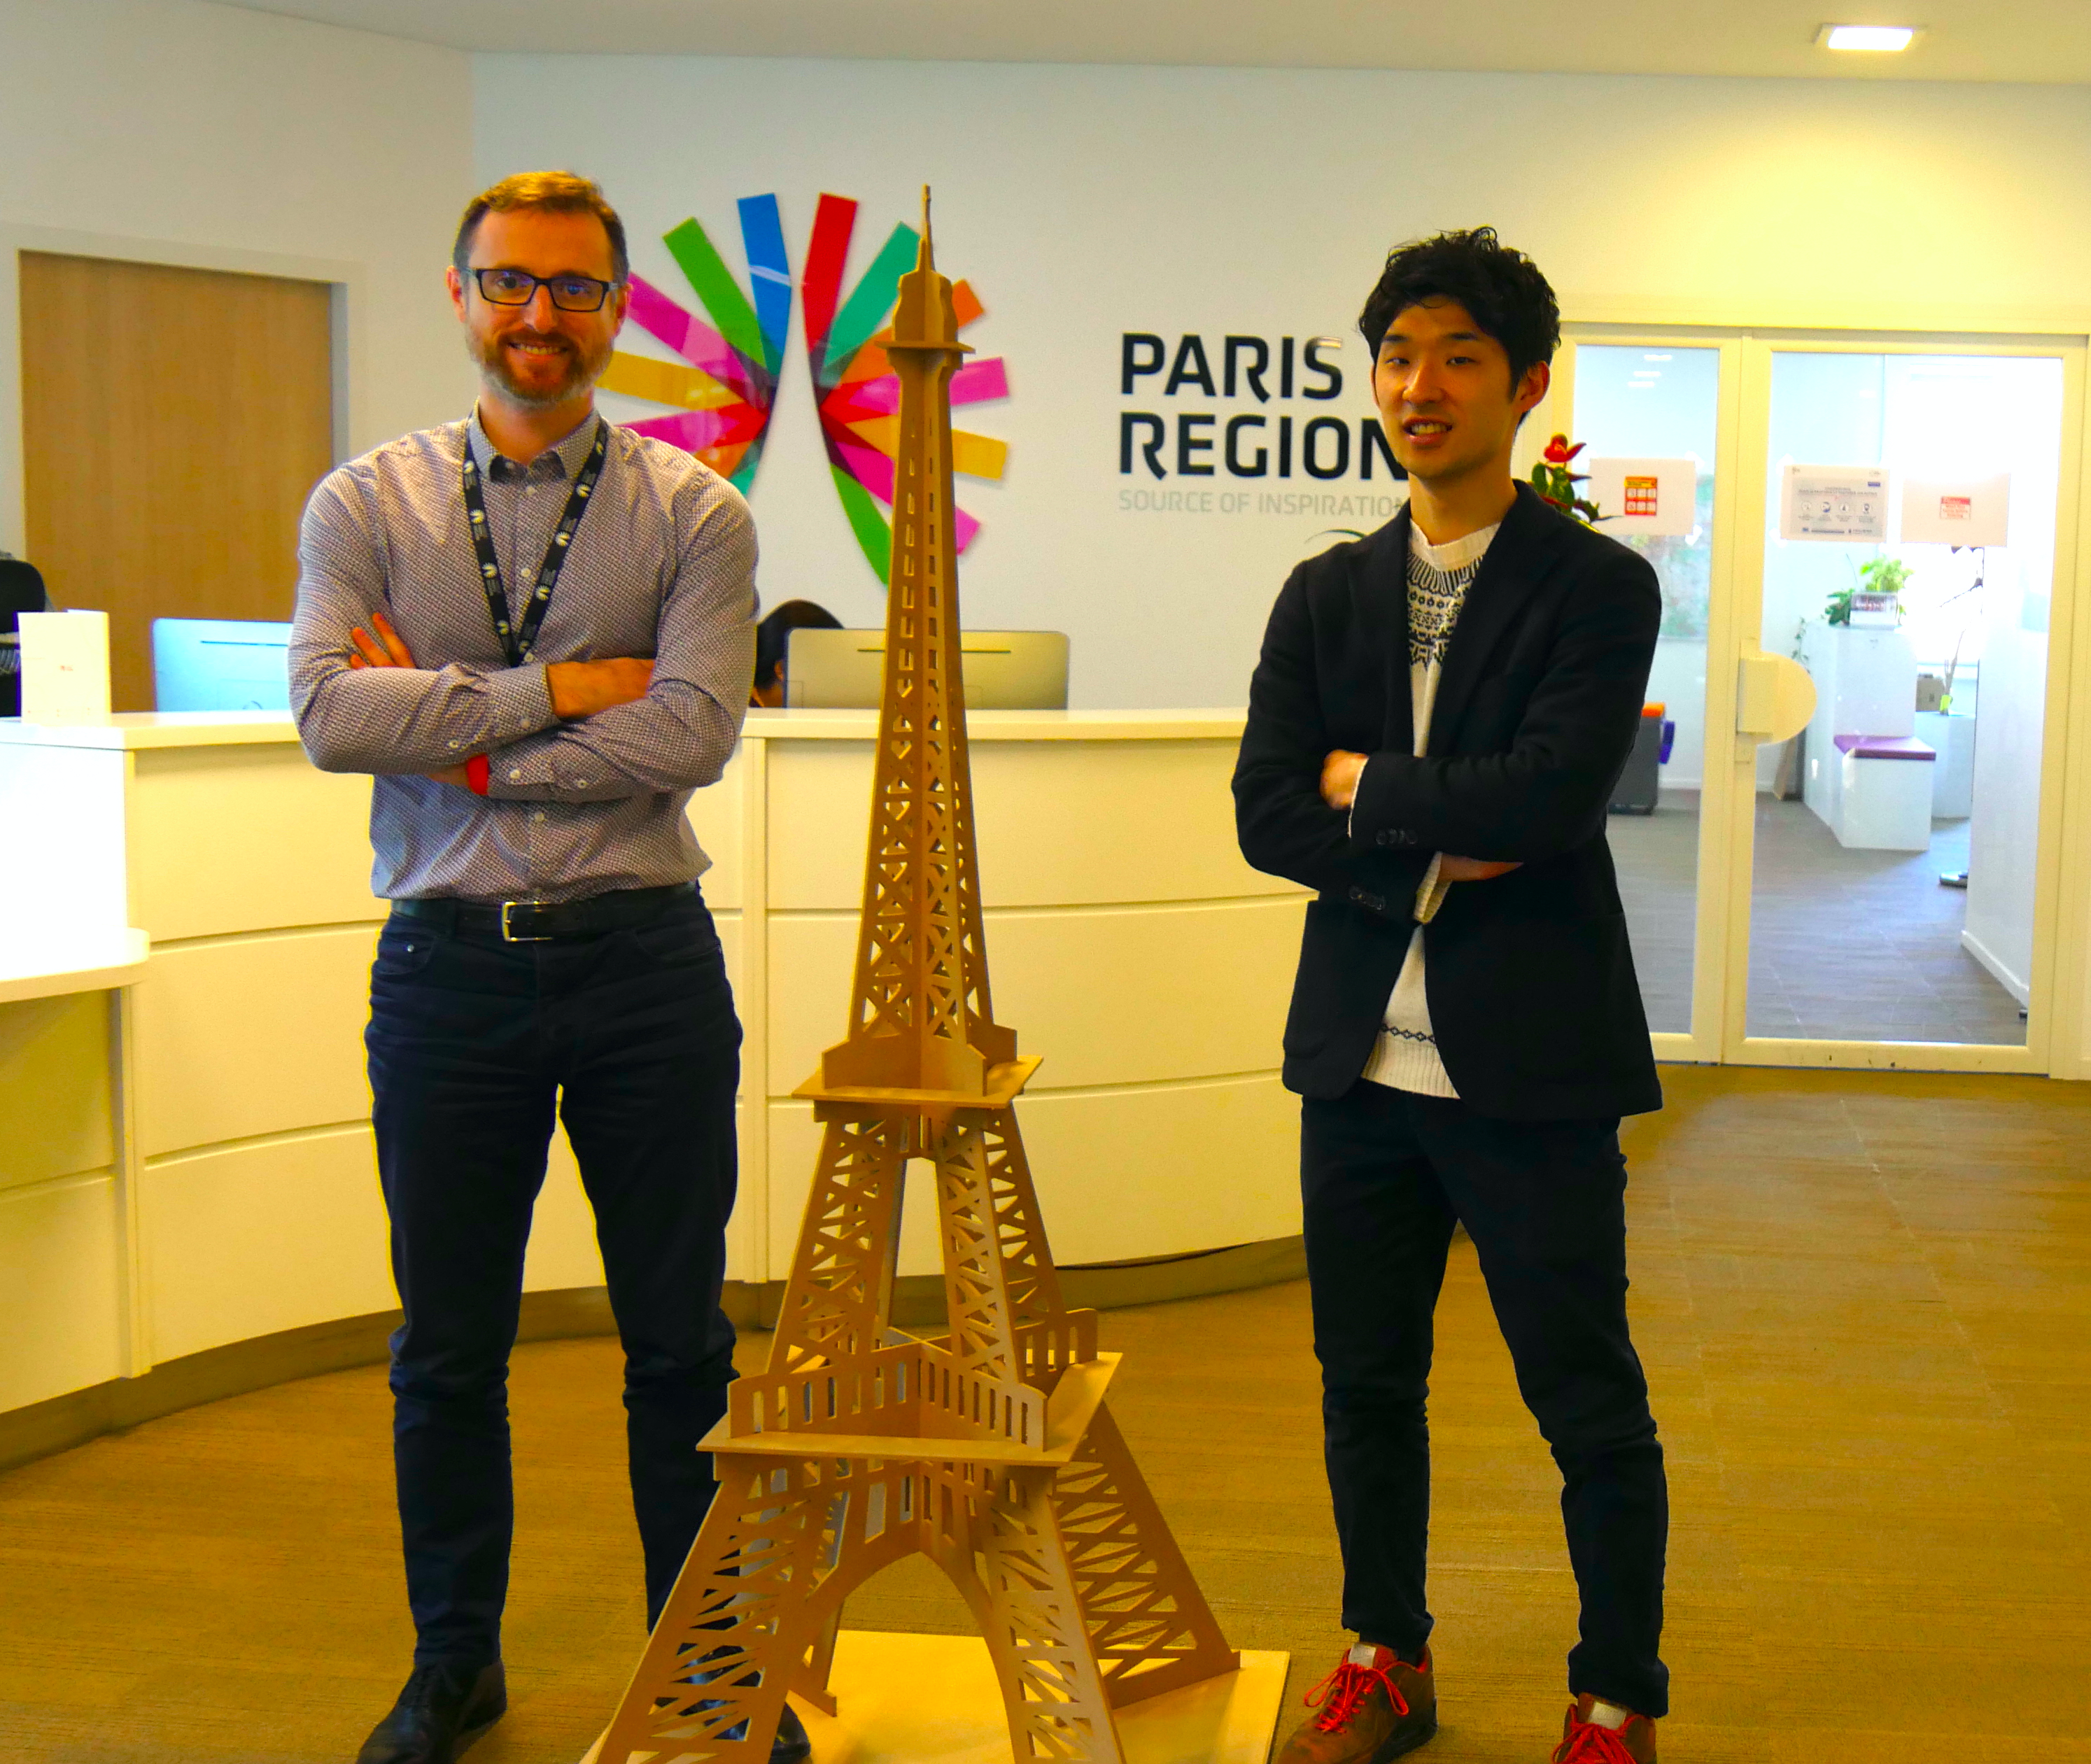 【from Paris】スタートアップへの支援を推し進めるChoose Paris Regionを訪問!